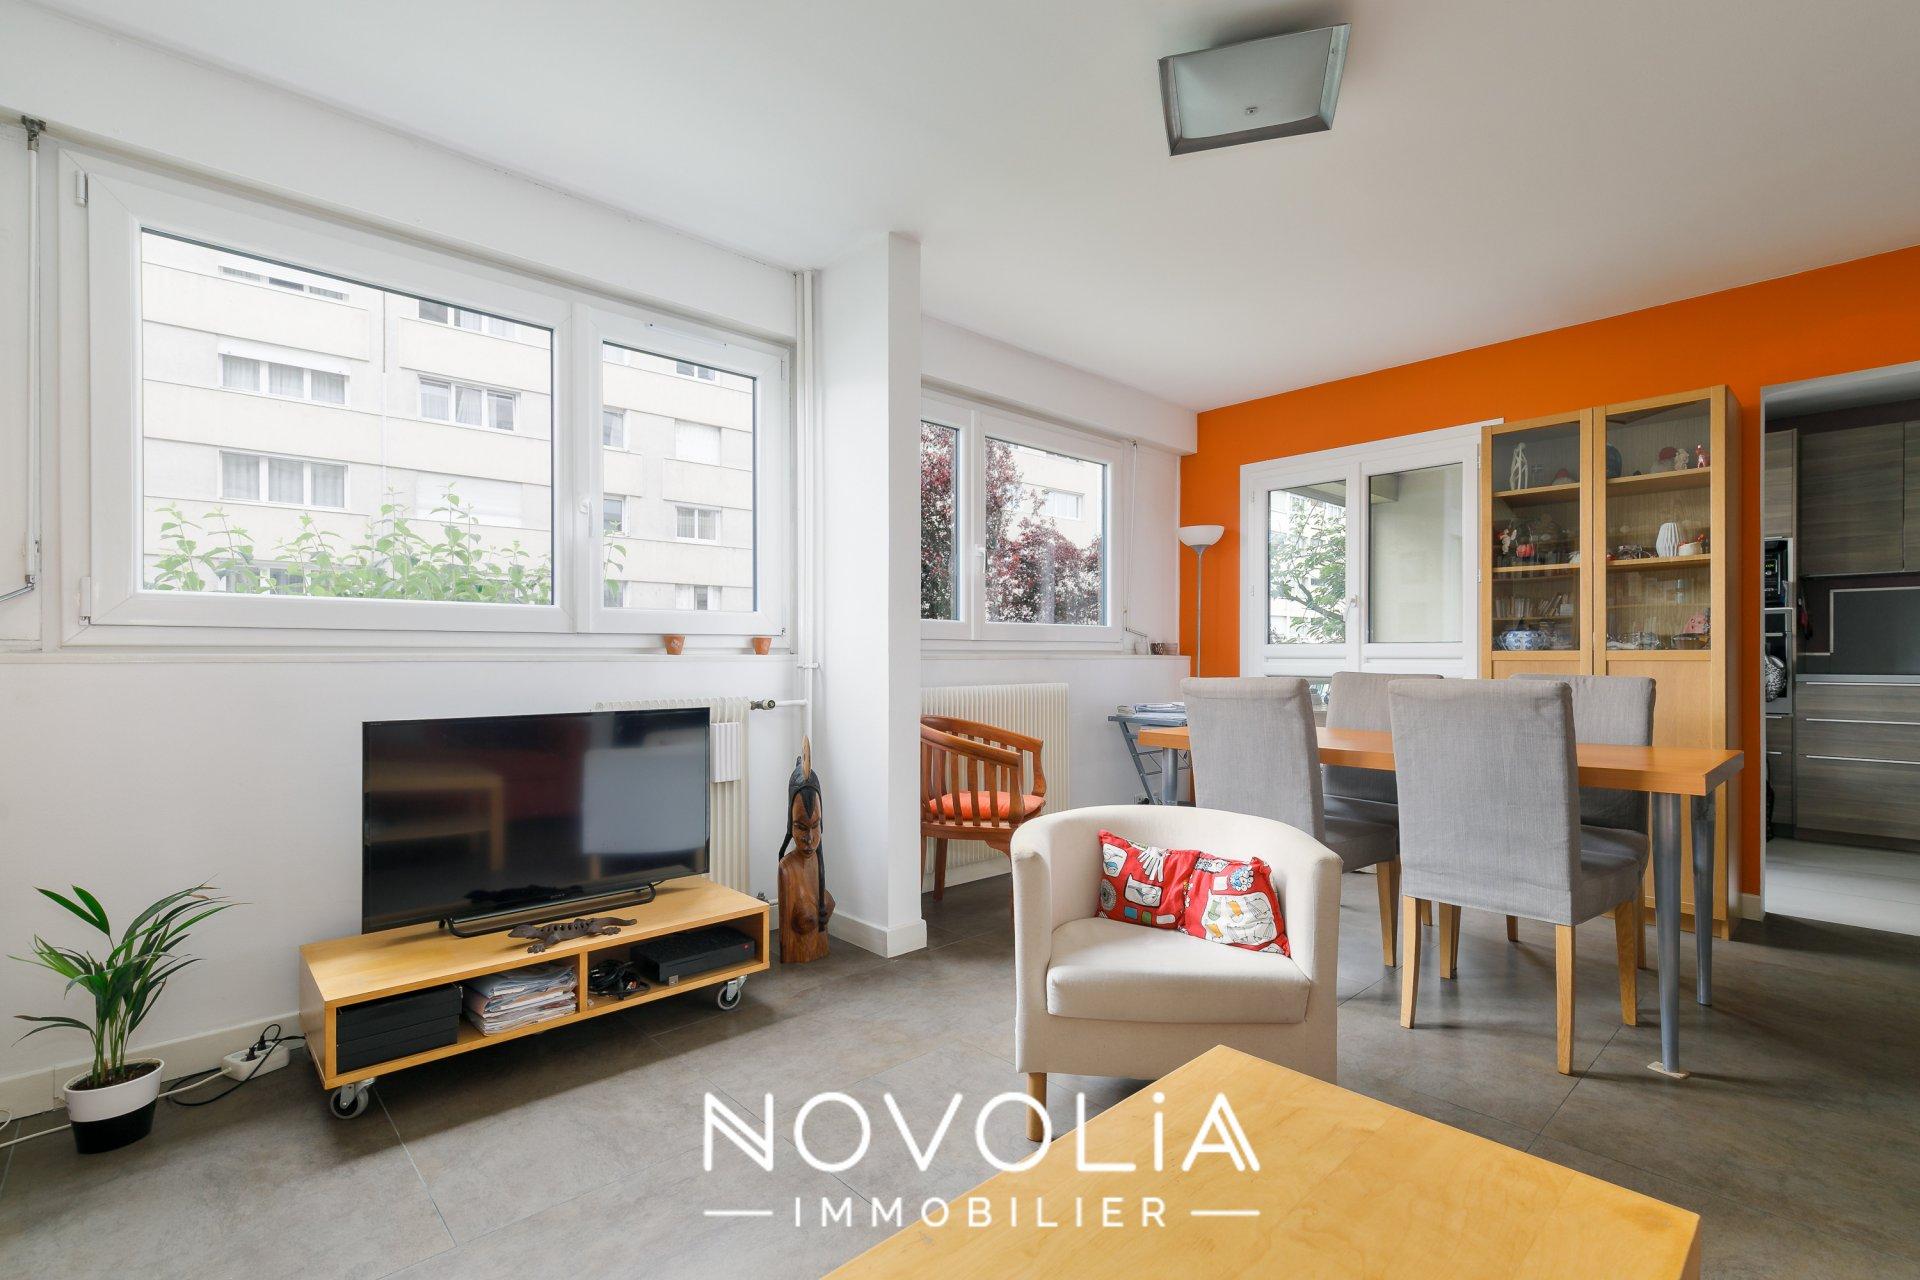 Achat Appartement Surface de 95.77 m²/ Total carrez : 95.77 m², 5 pièces, Lyon 3ème (69003)